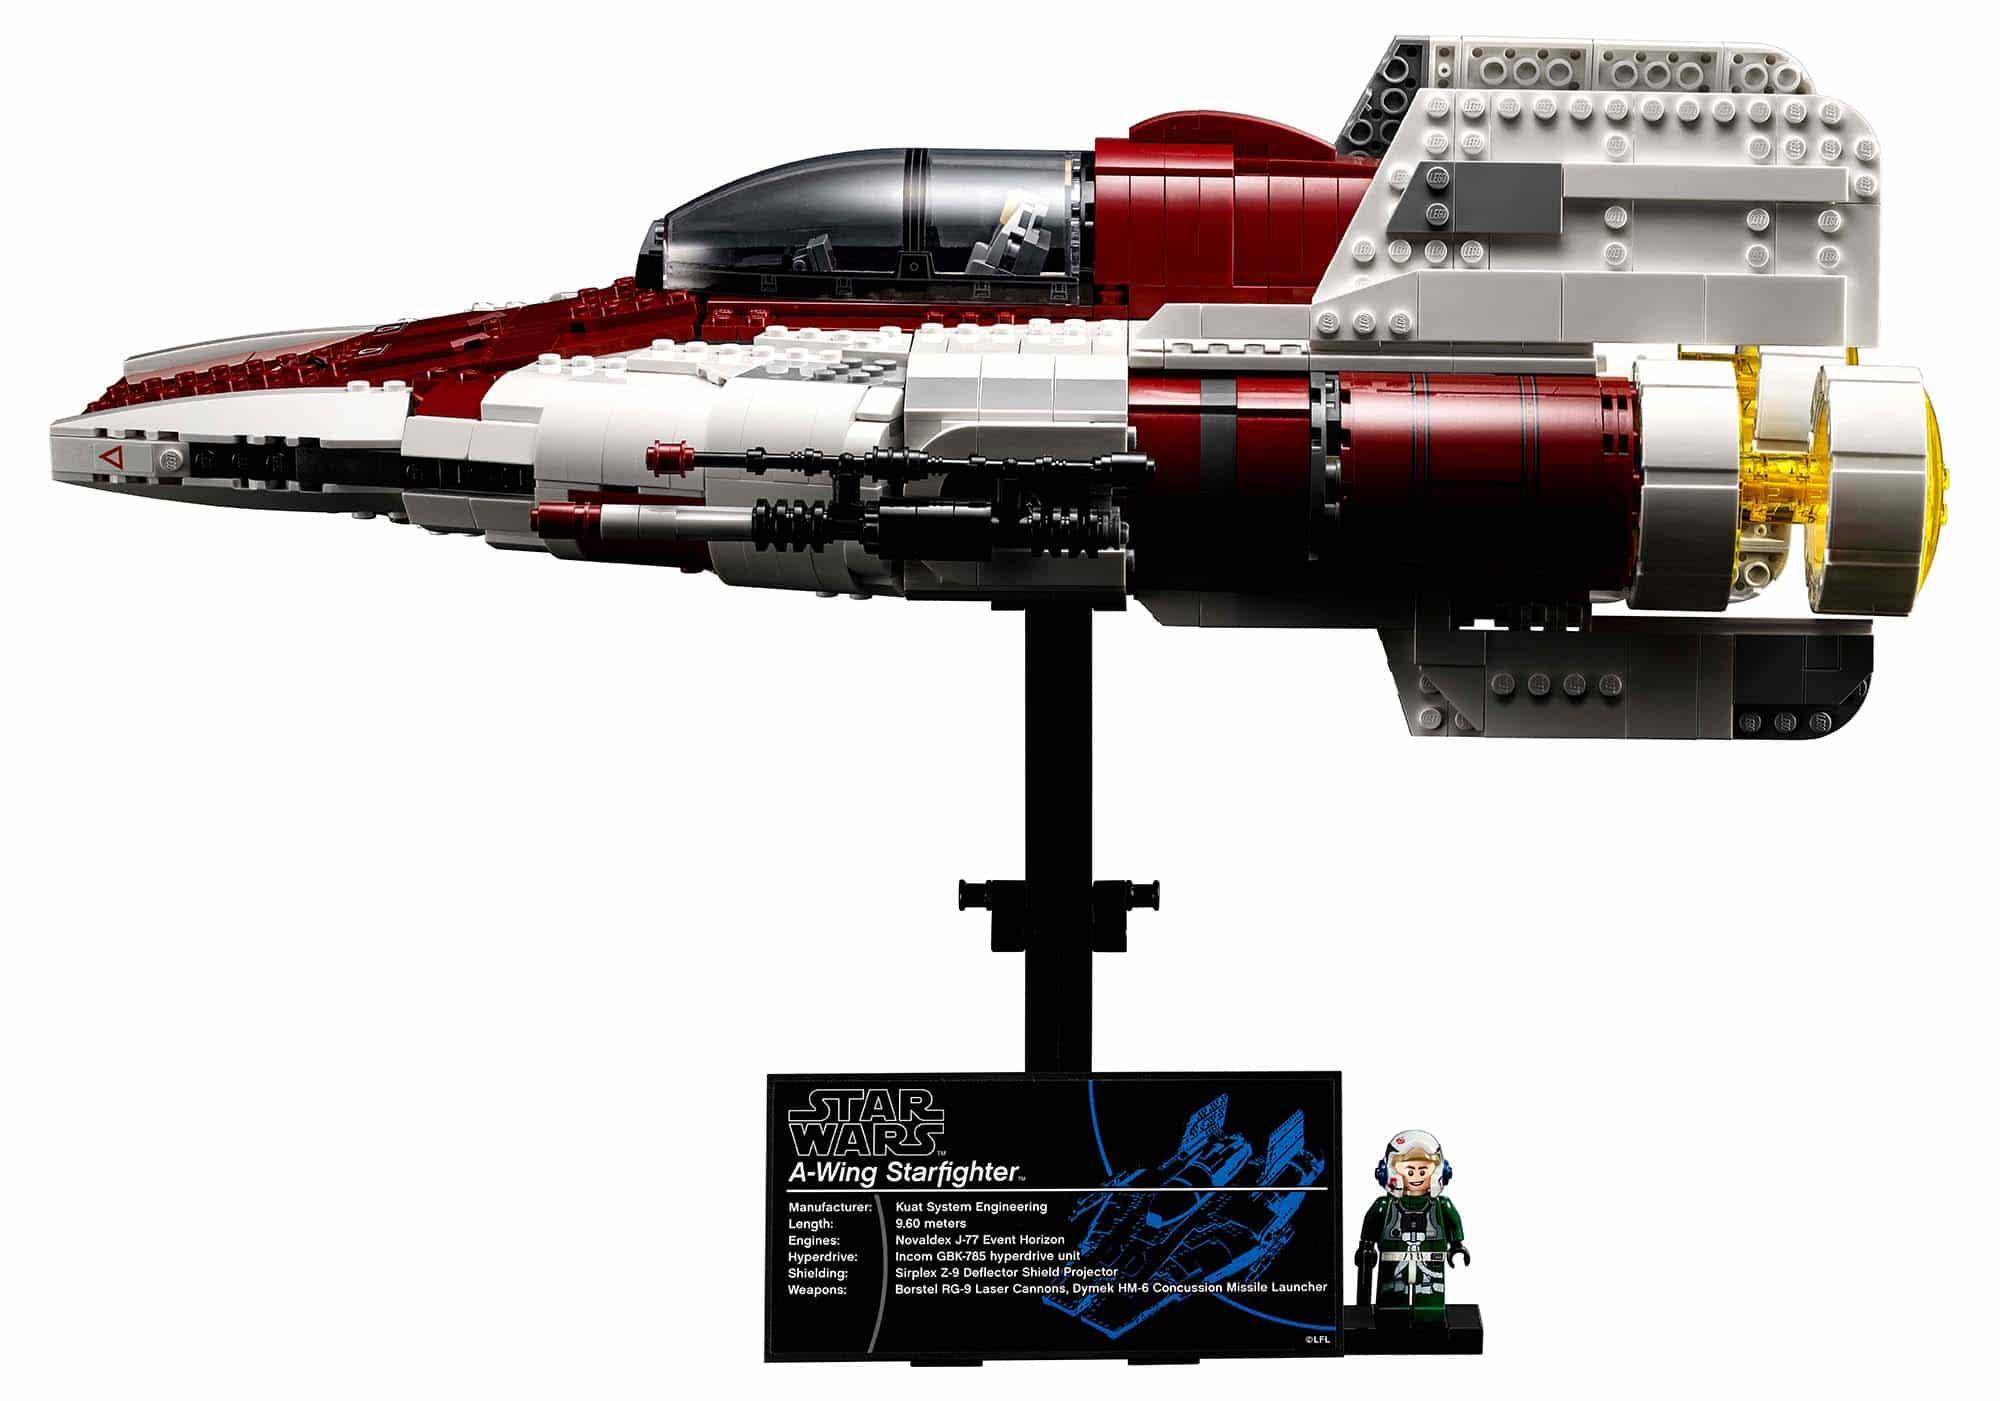 乐高 星球大战UCS又添新成员 75275 A翼星际战斗机